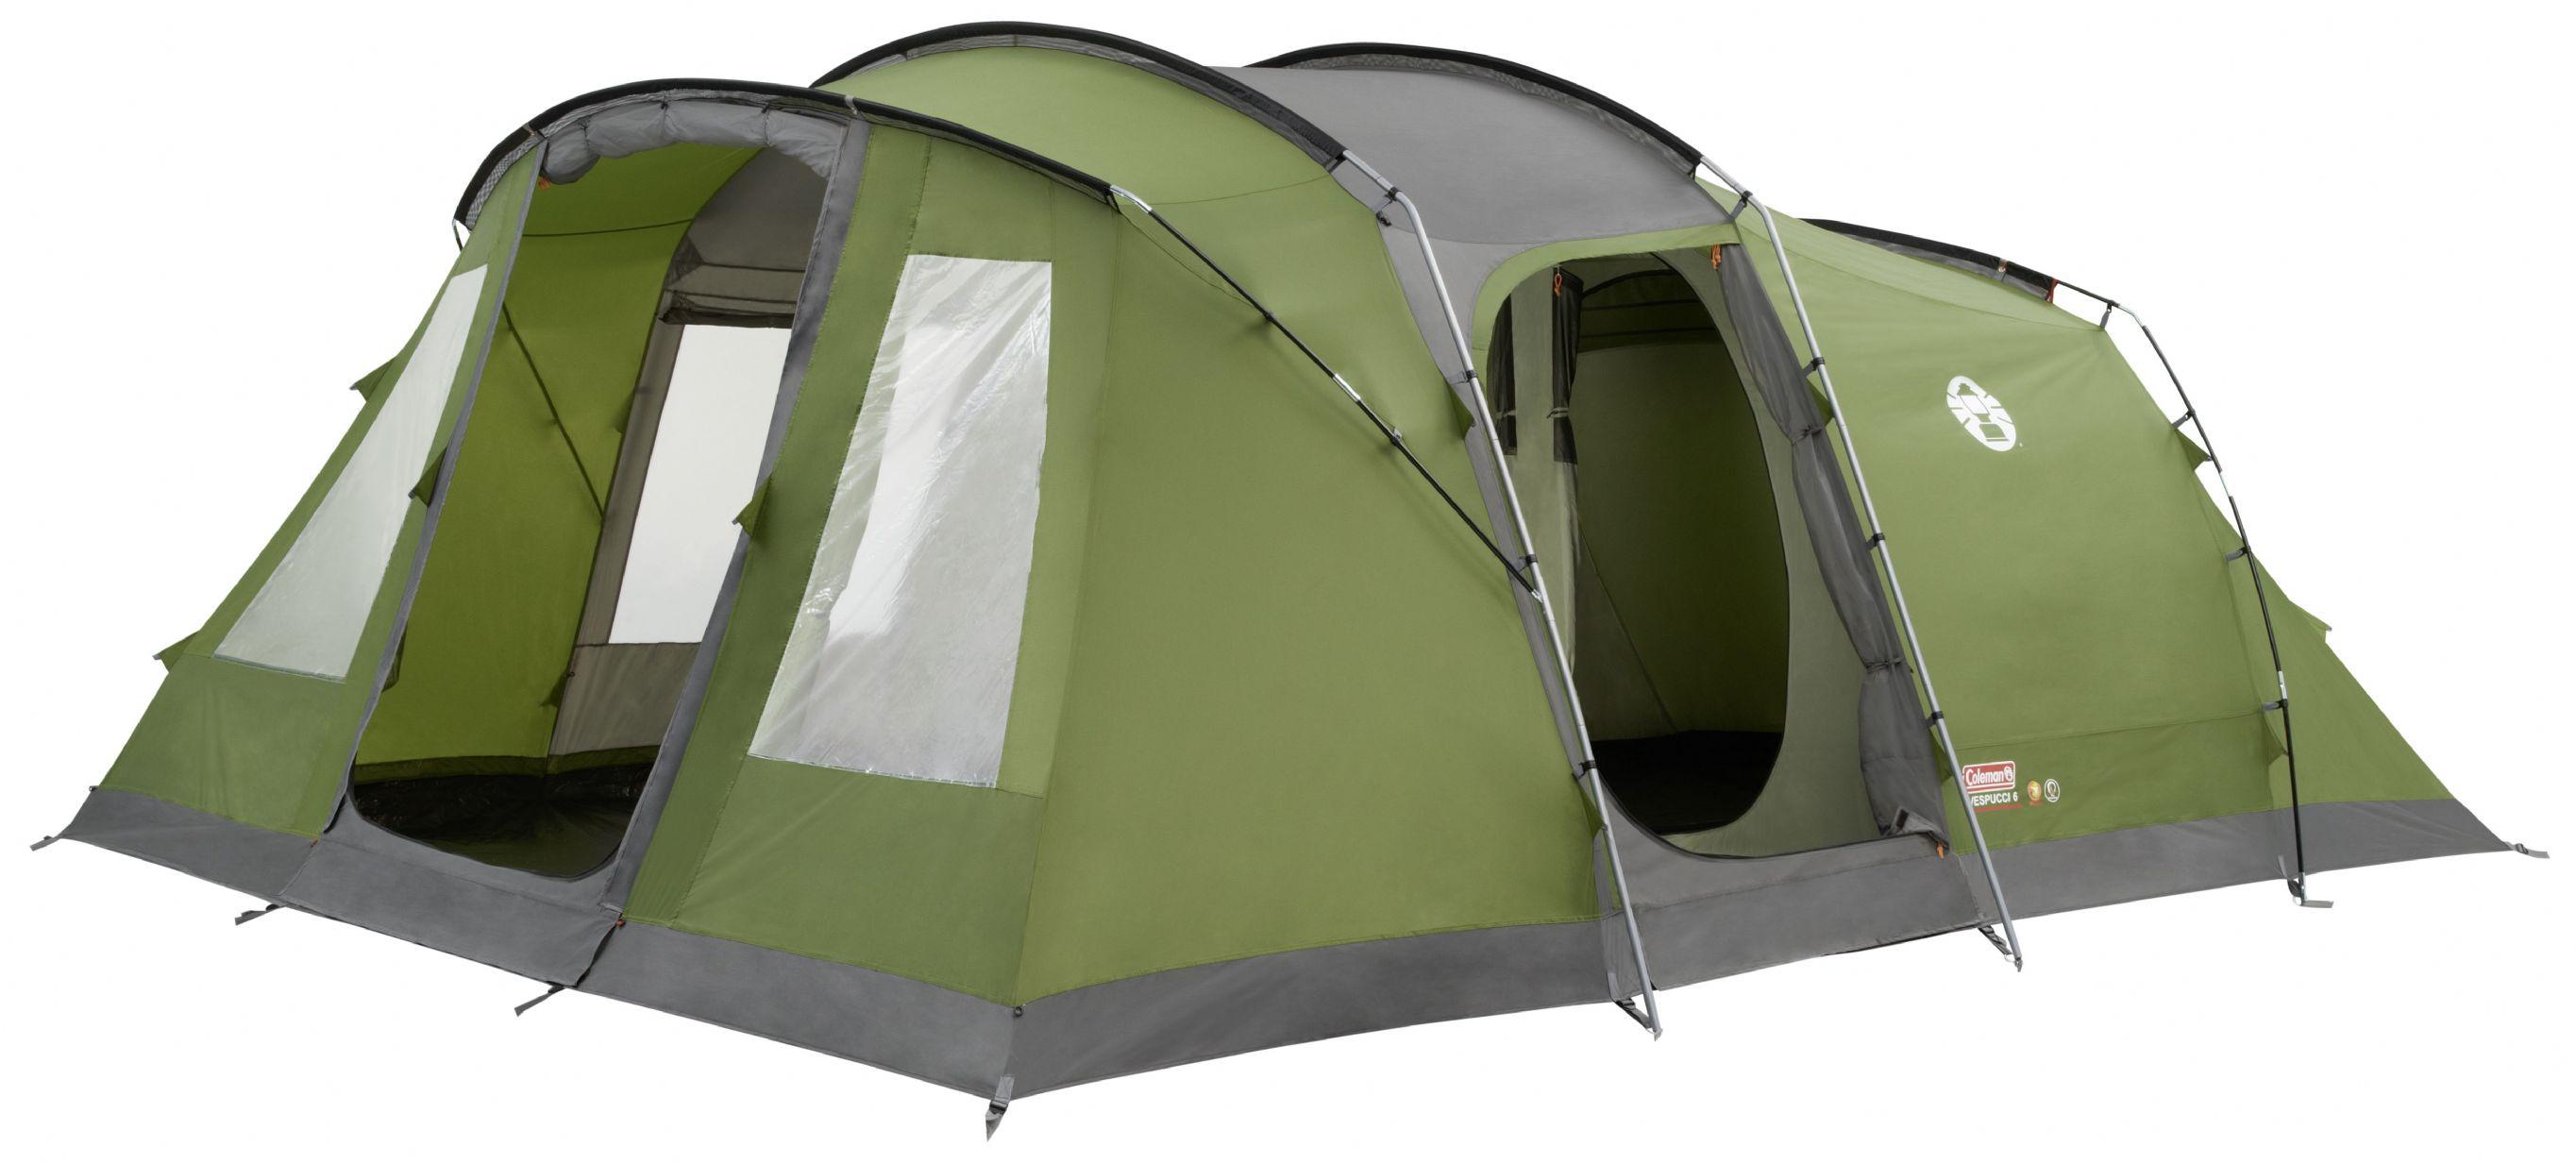 sc 1 st  Grasshopper Leisure & Coleman Vespucci 6 Man Family Tent - Grasshopper Leisure